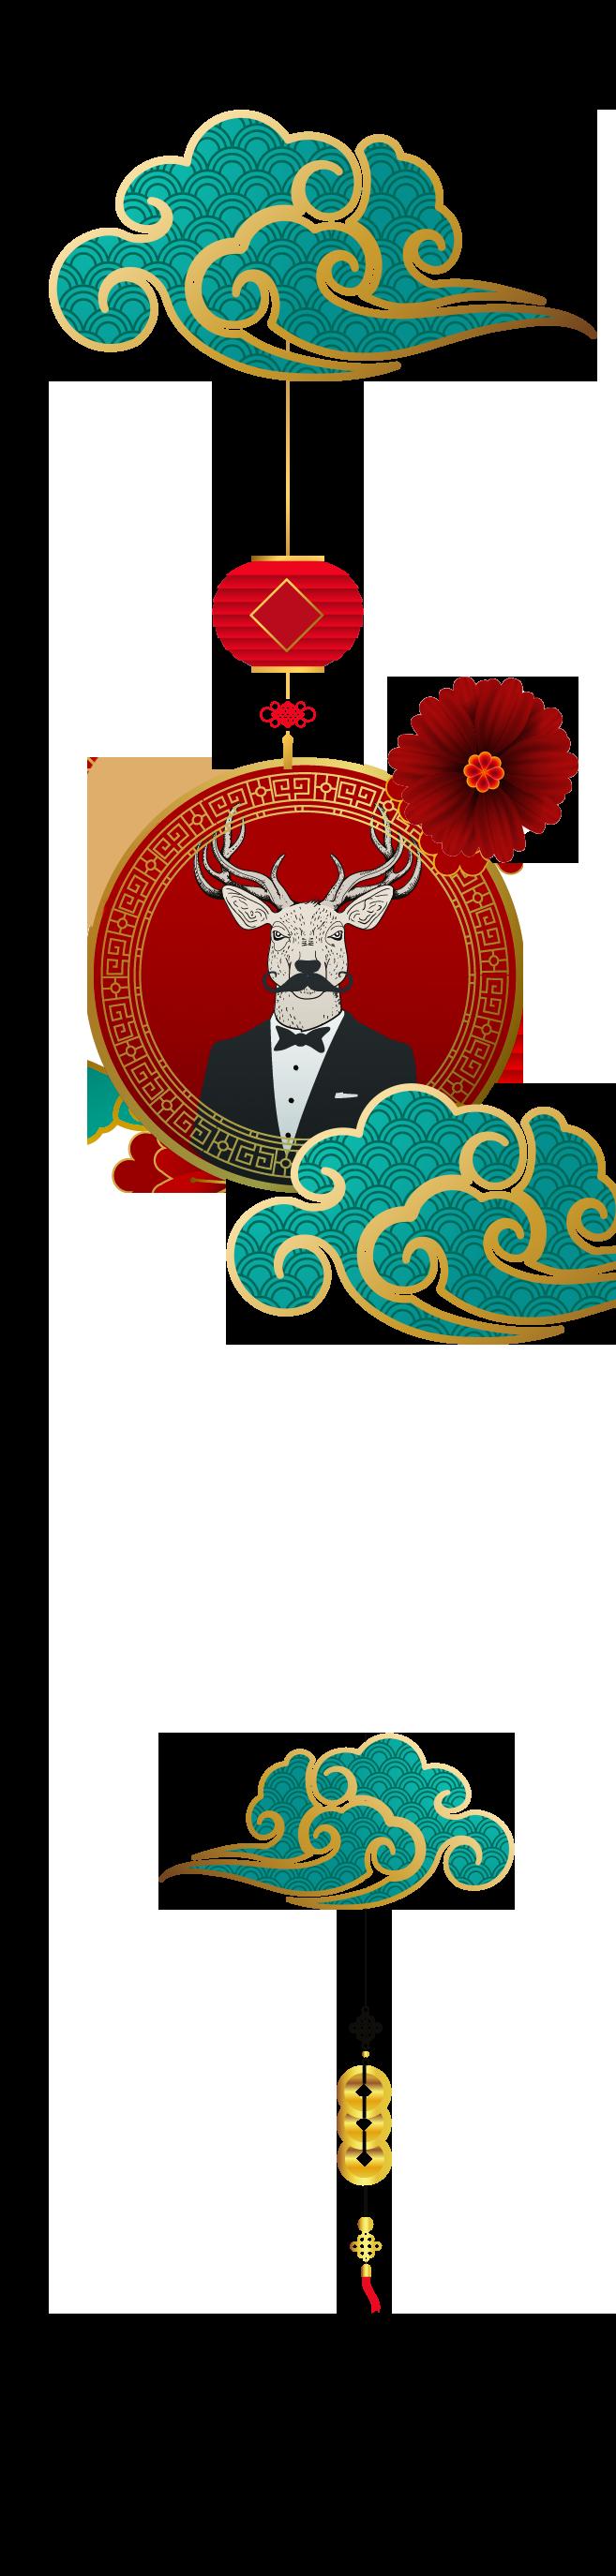 中文玩家博弈賭場排名